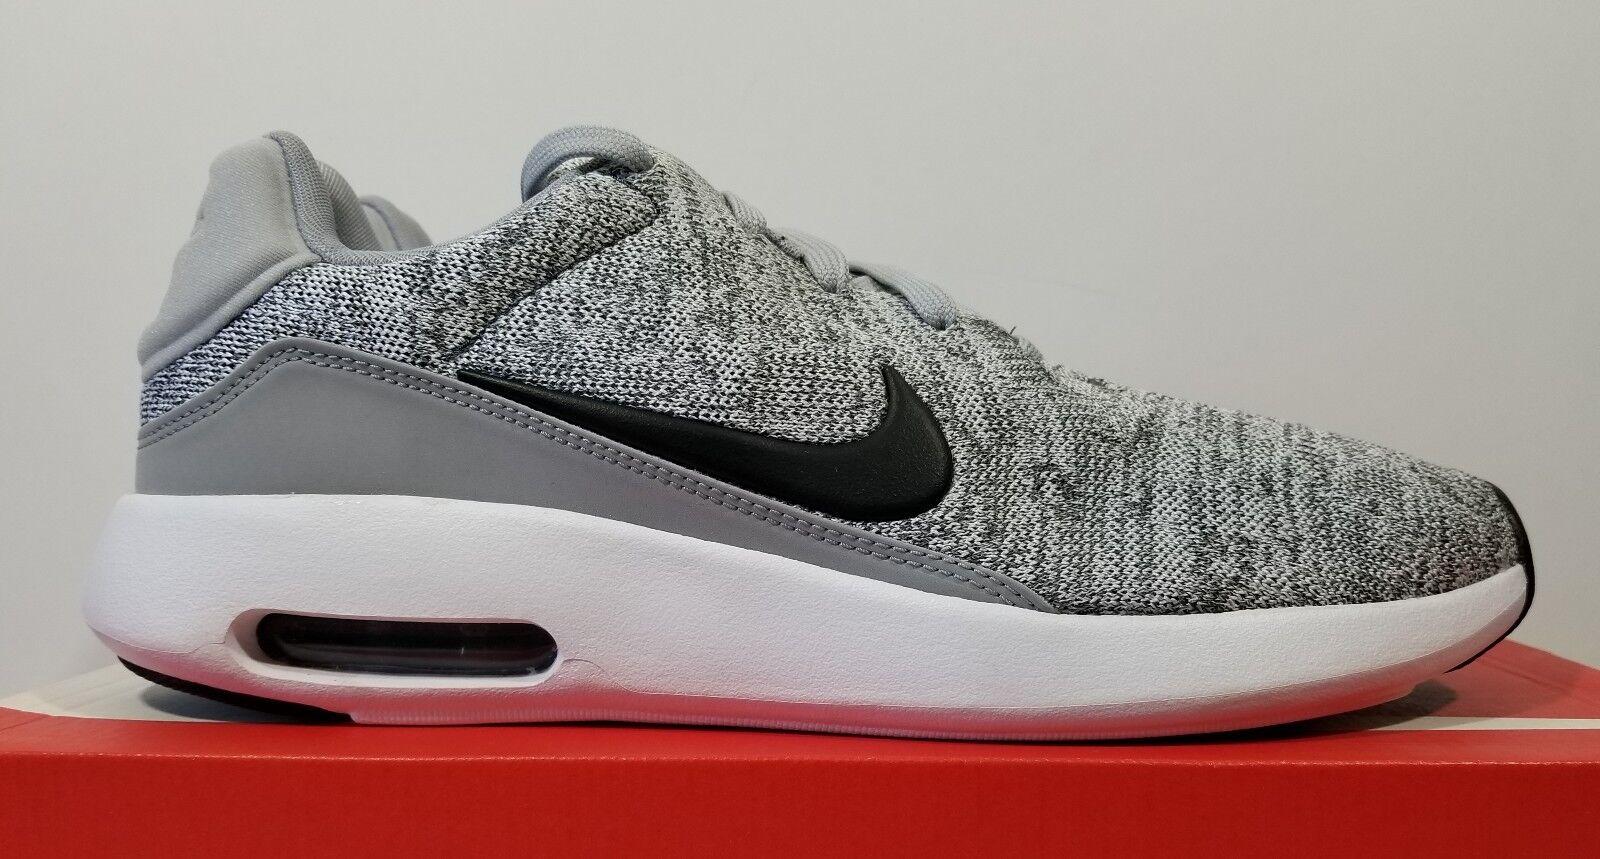 Nike air max moderna flyknit Uomo scarpe croce lupo grigio formazione scarpe Uomo taglia 10 80db03